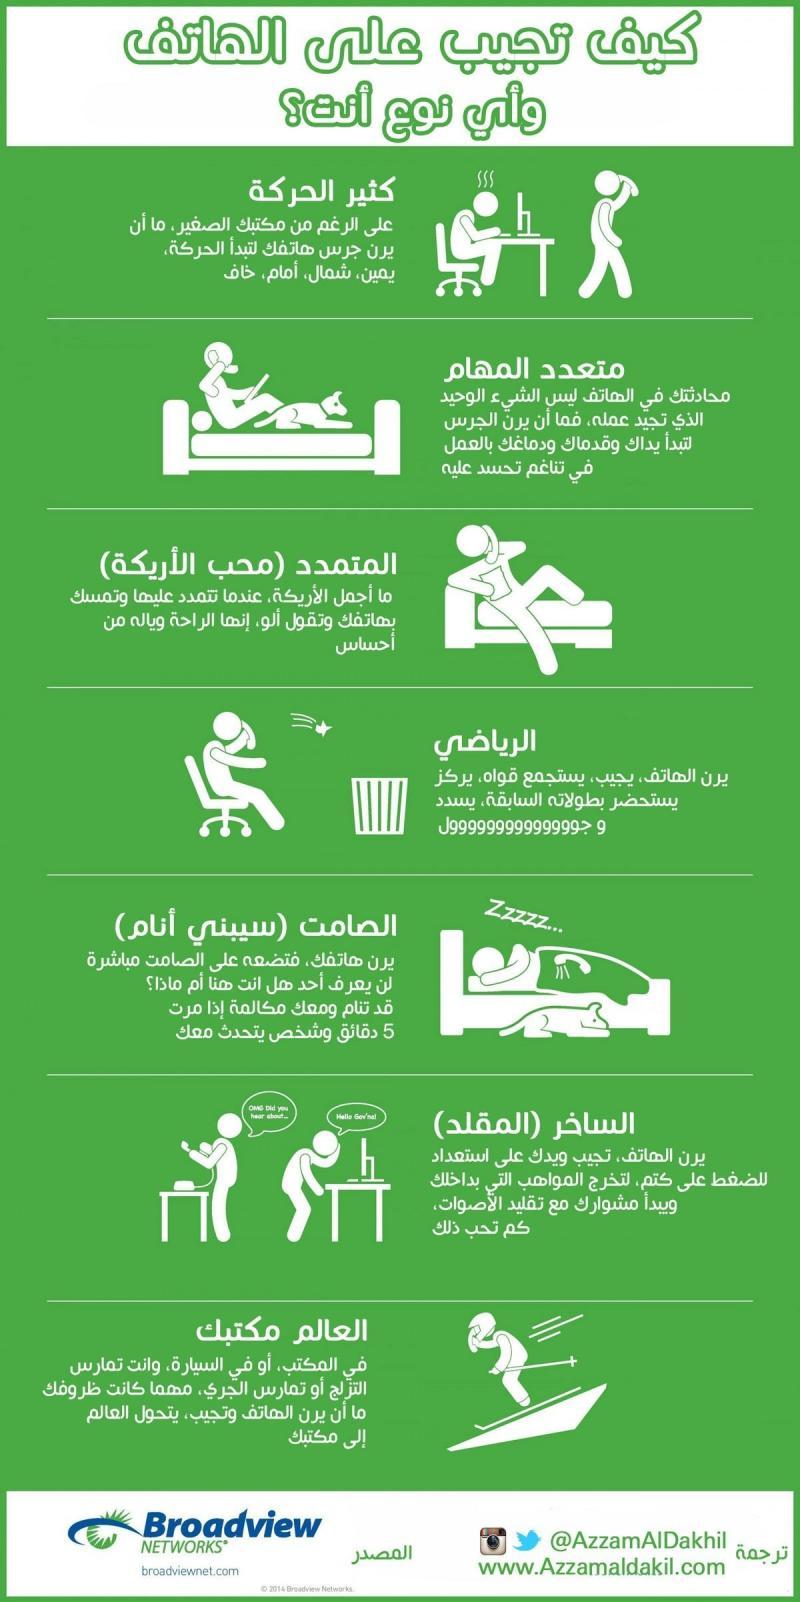 كيف تجيب على الهاتف واي نوع انت #انفوجرافيك #انفوجرافيك_عربي